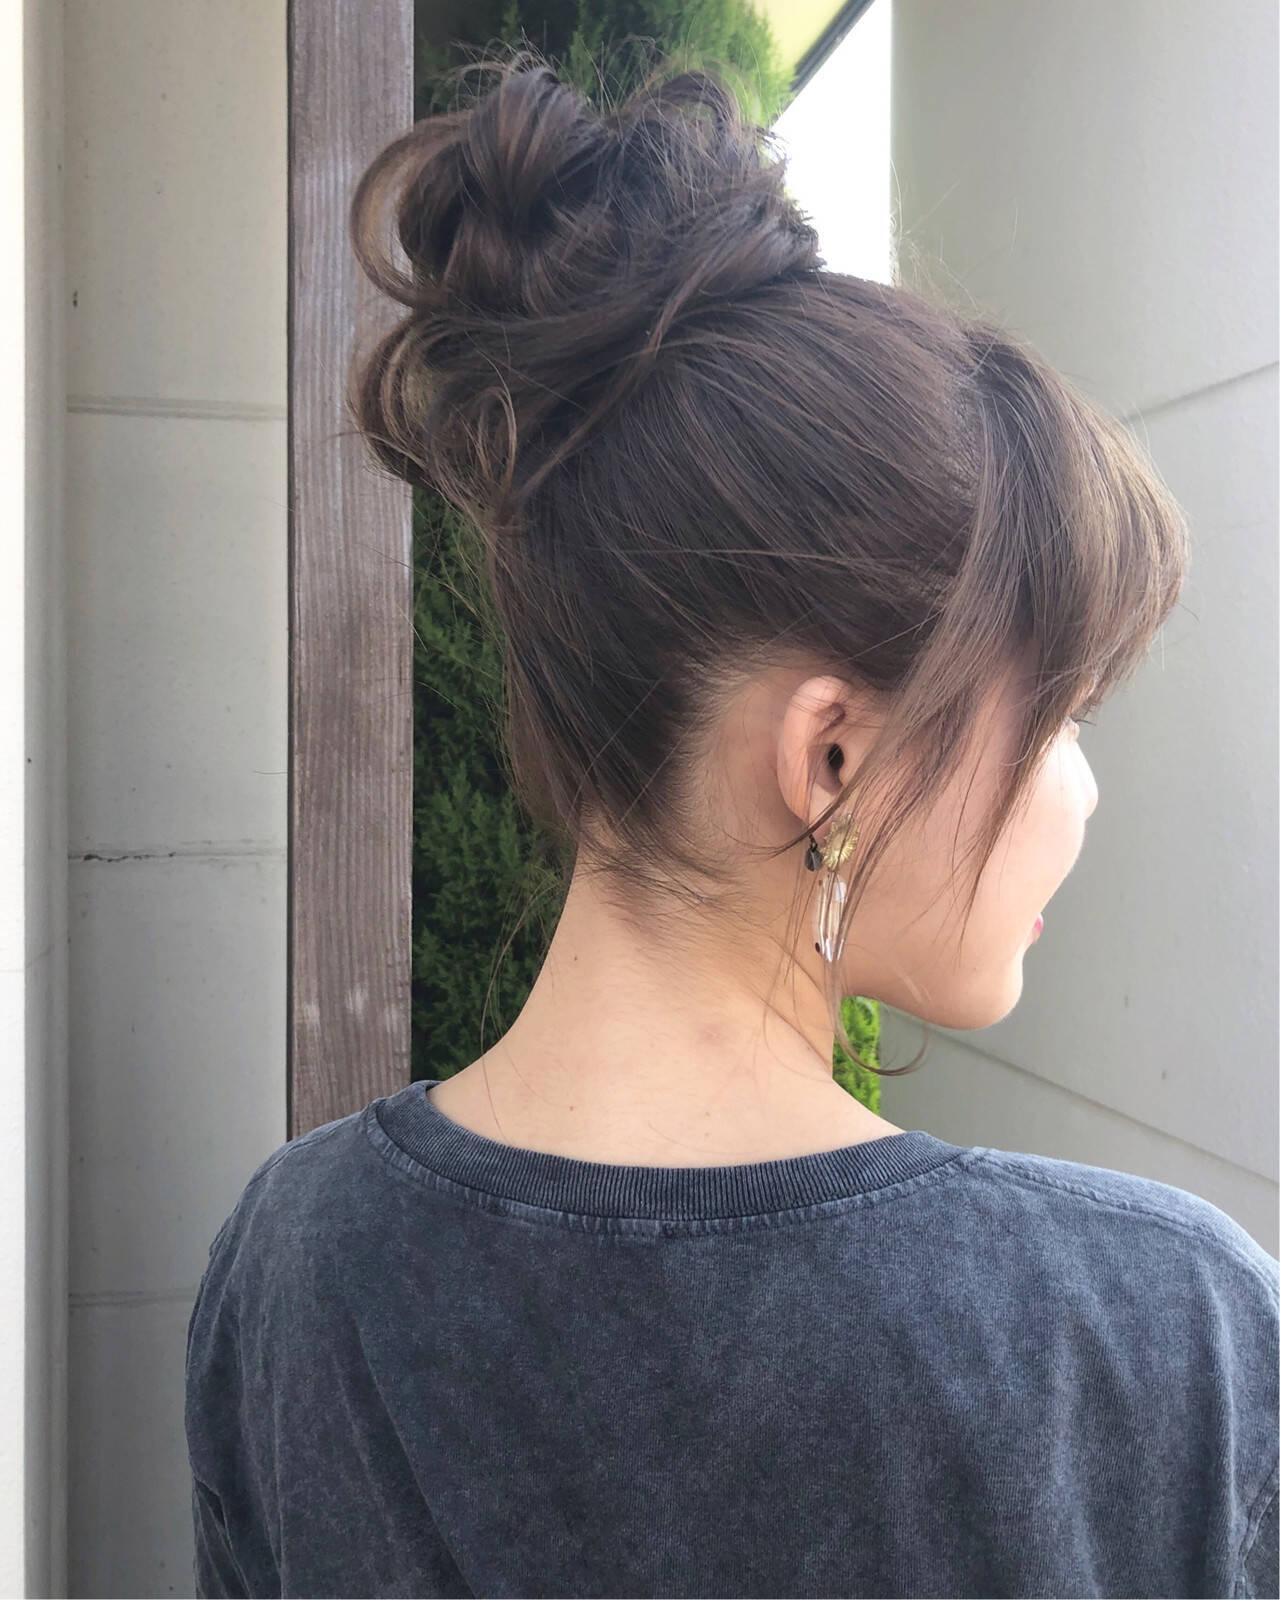 簡単ヘアアレンジ セルフヘアアレンジ ロング お団子アレンジヘアスタイルや髪型の写真・画像